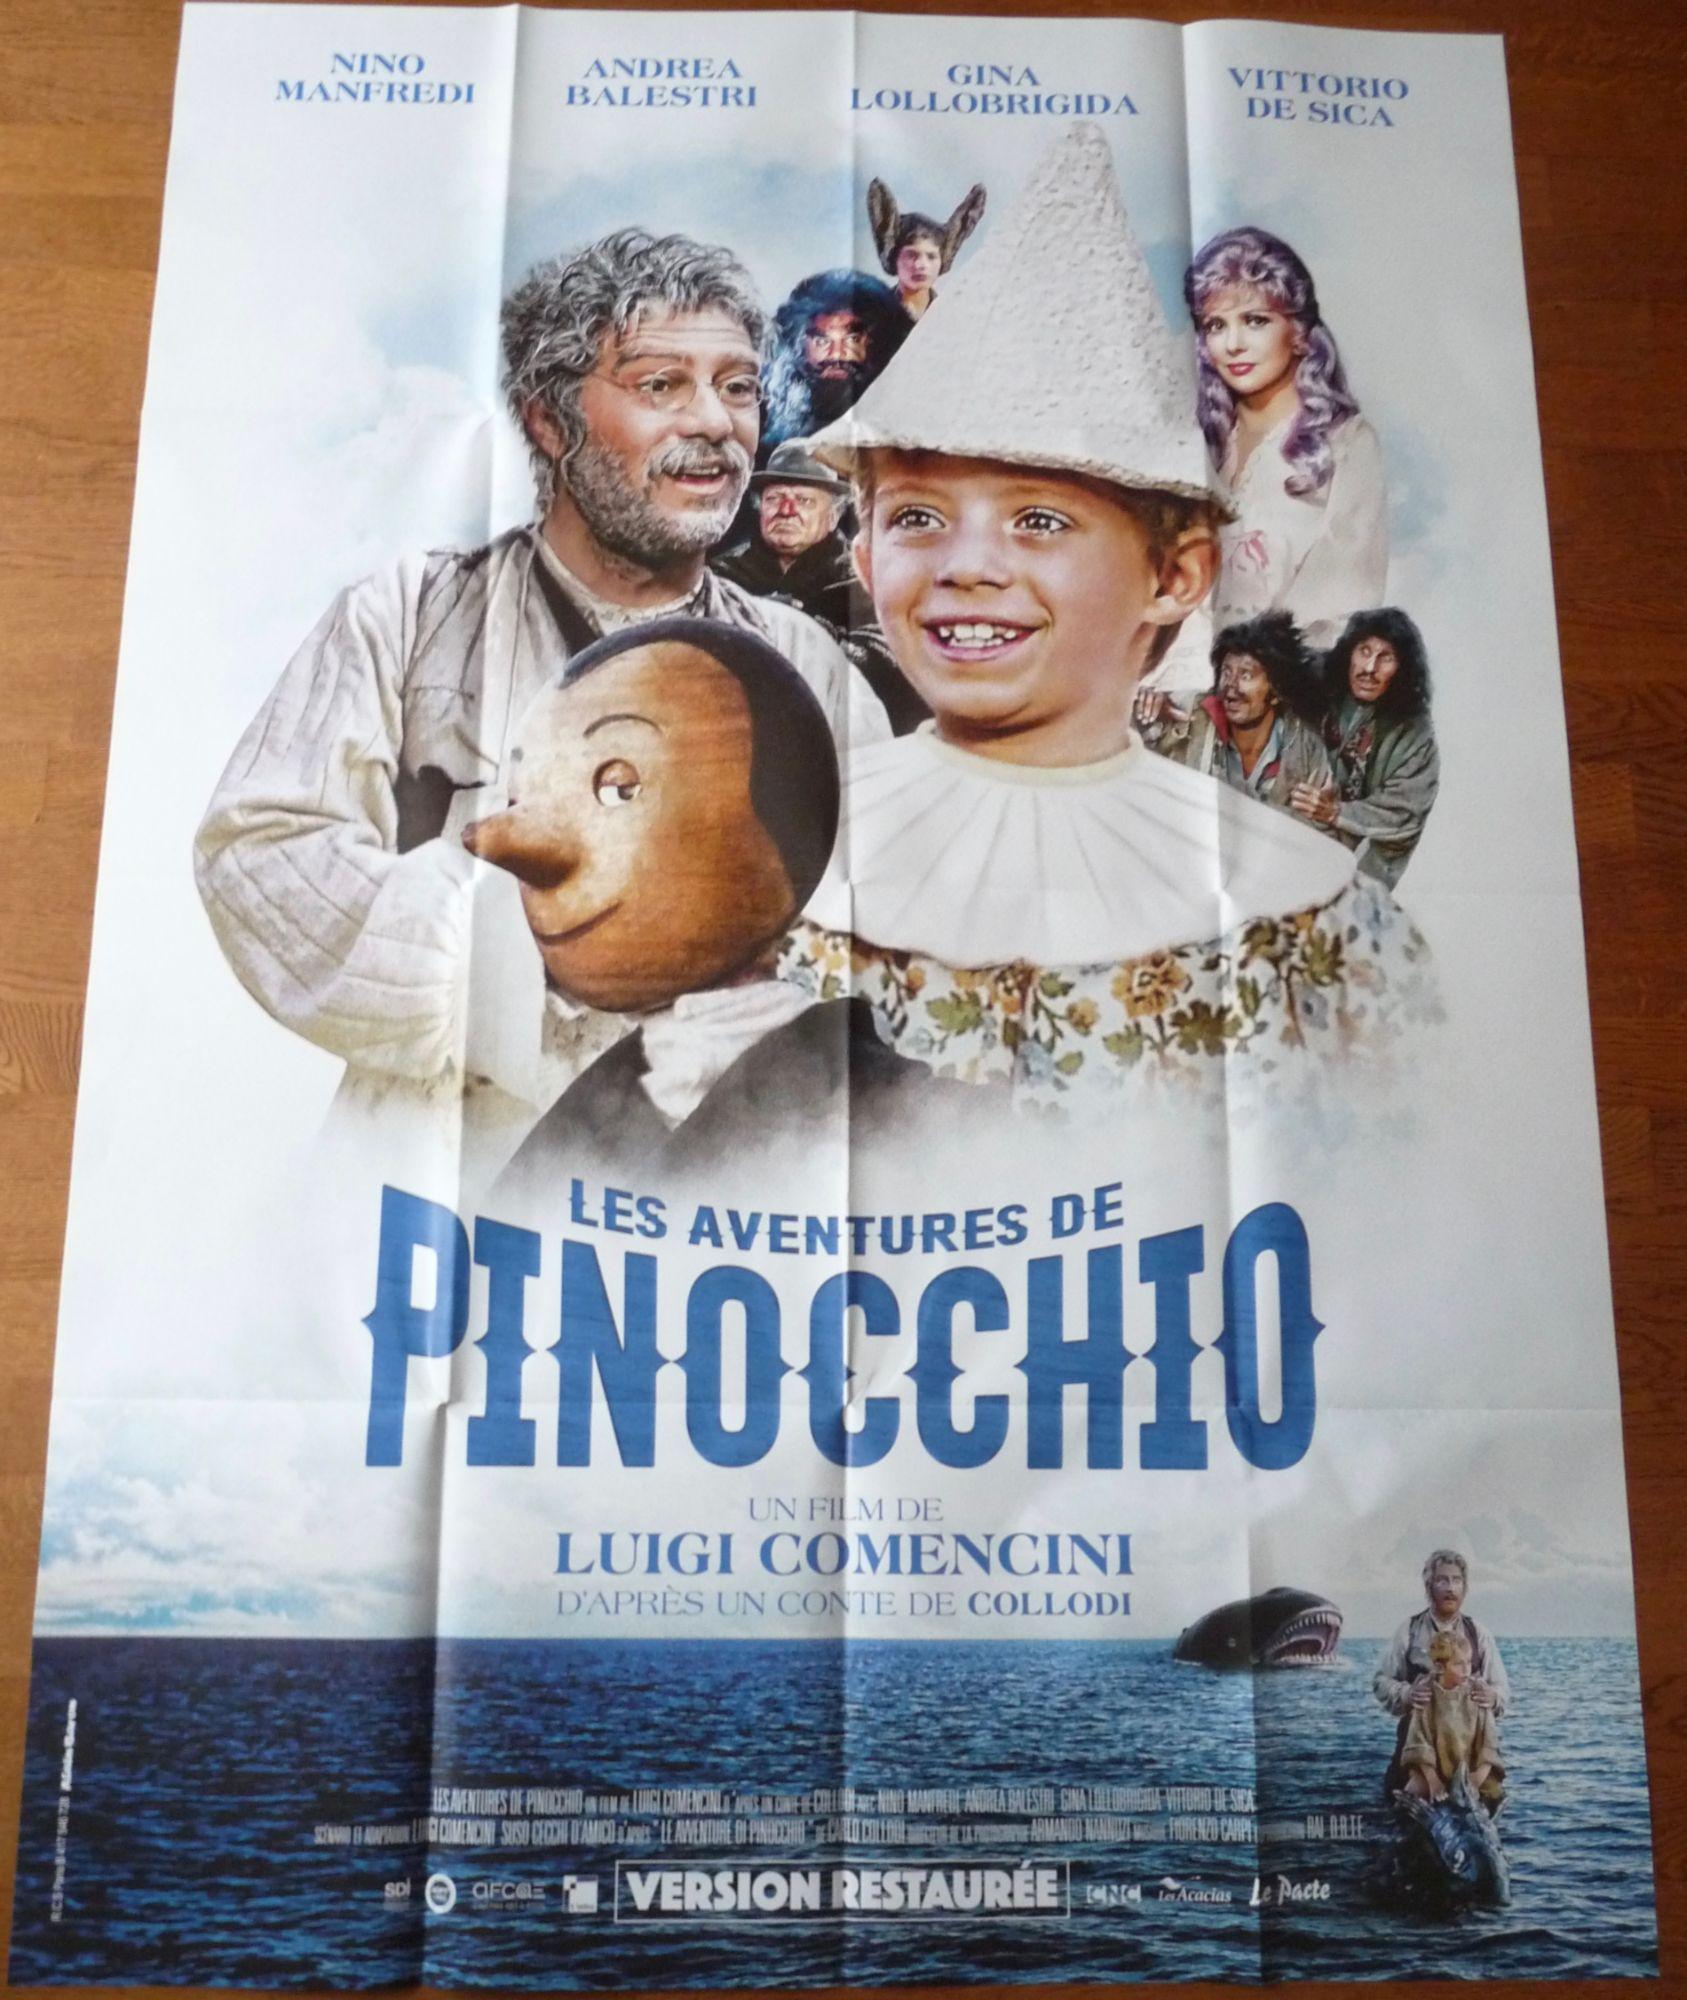 LES AVENTURES DE PINOCCHIO Luigi Comencini affiche cinema